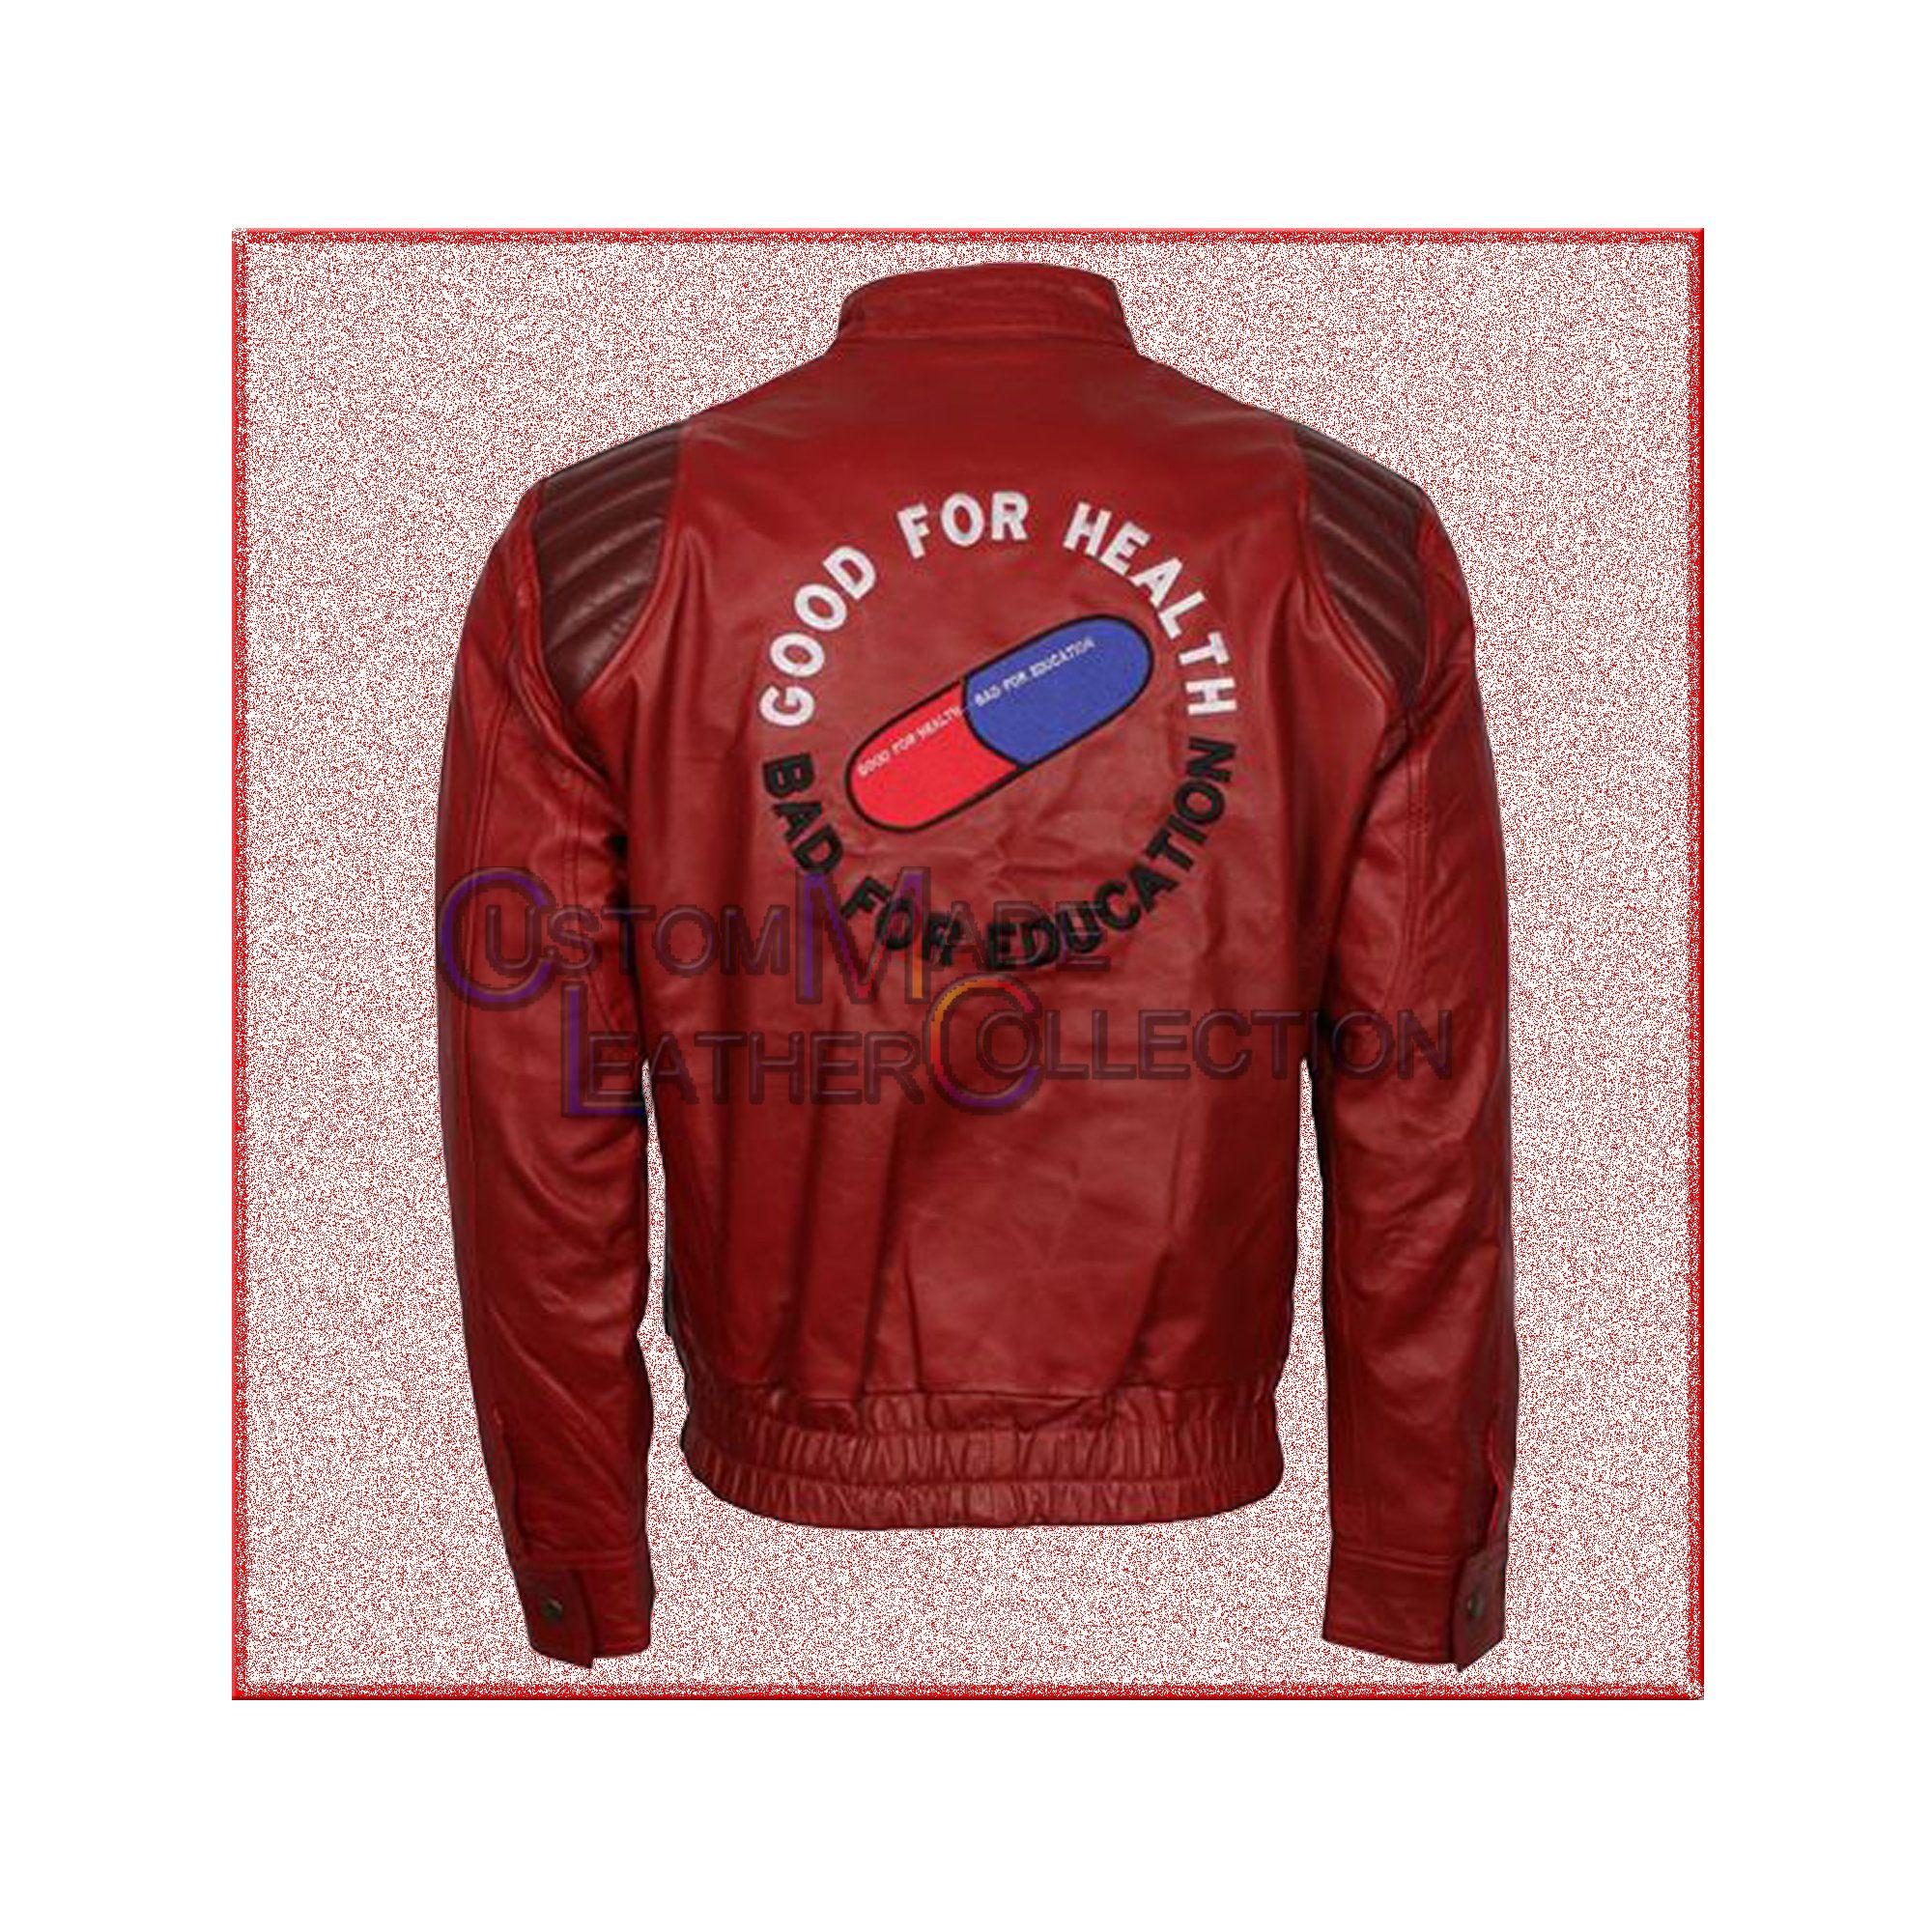 Akira Kanada Red Leather Jacket Etsy Leather Jacket Men Red Leather Jacket Leather Jacket [ 2000 x 2000 Pixel ]